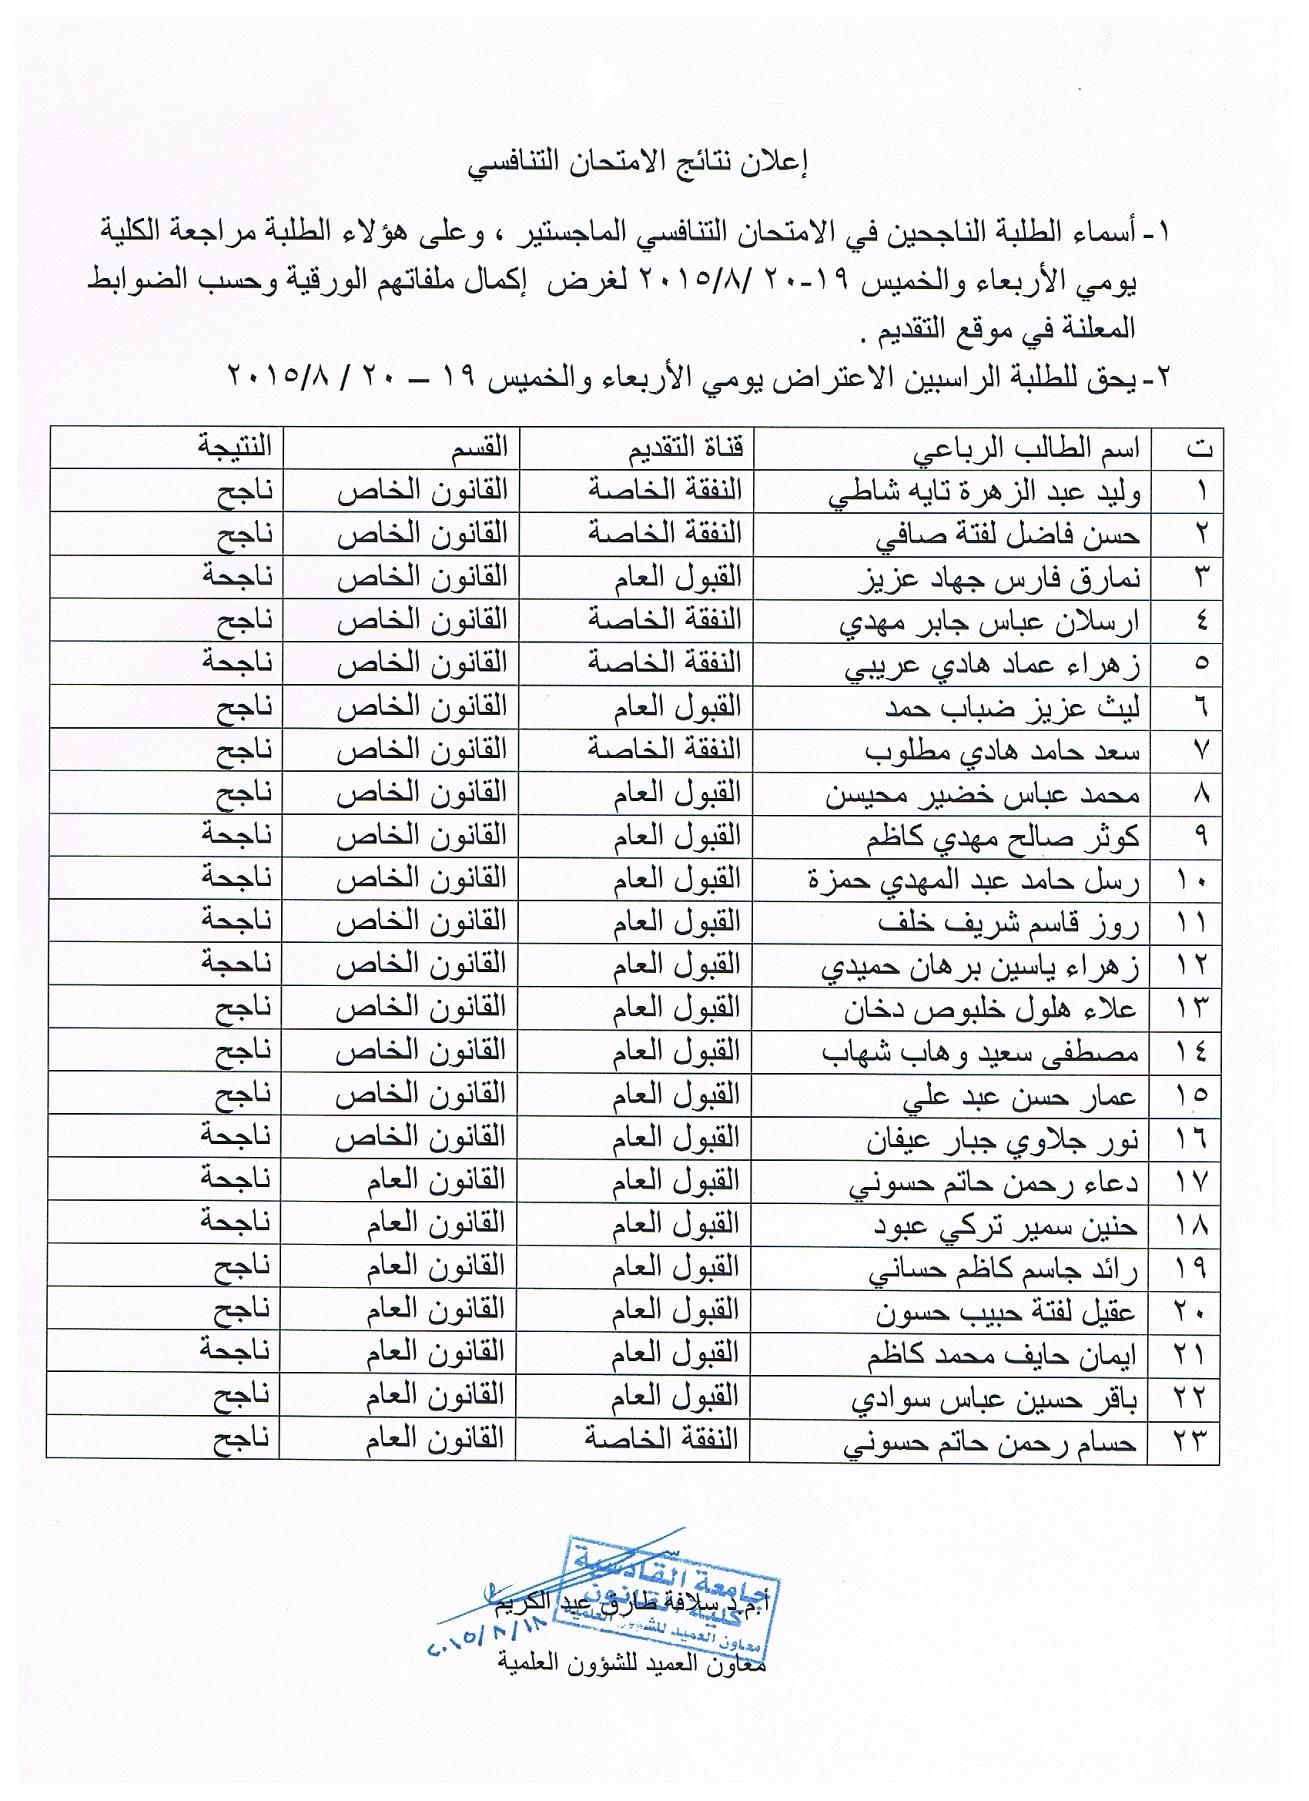 عاجل .. اسماء الطلبة الناجحين في الامتحان التنافسي ( الماجستير )